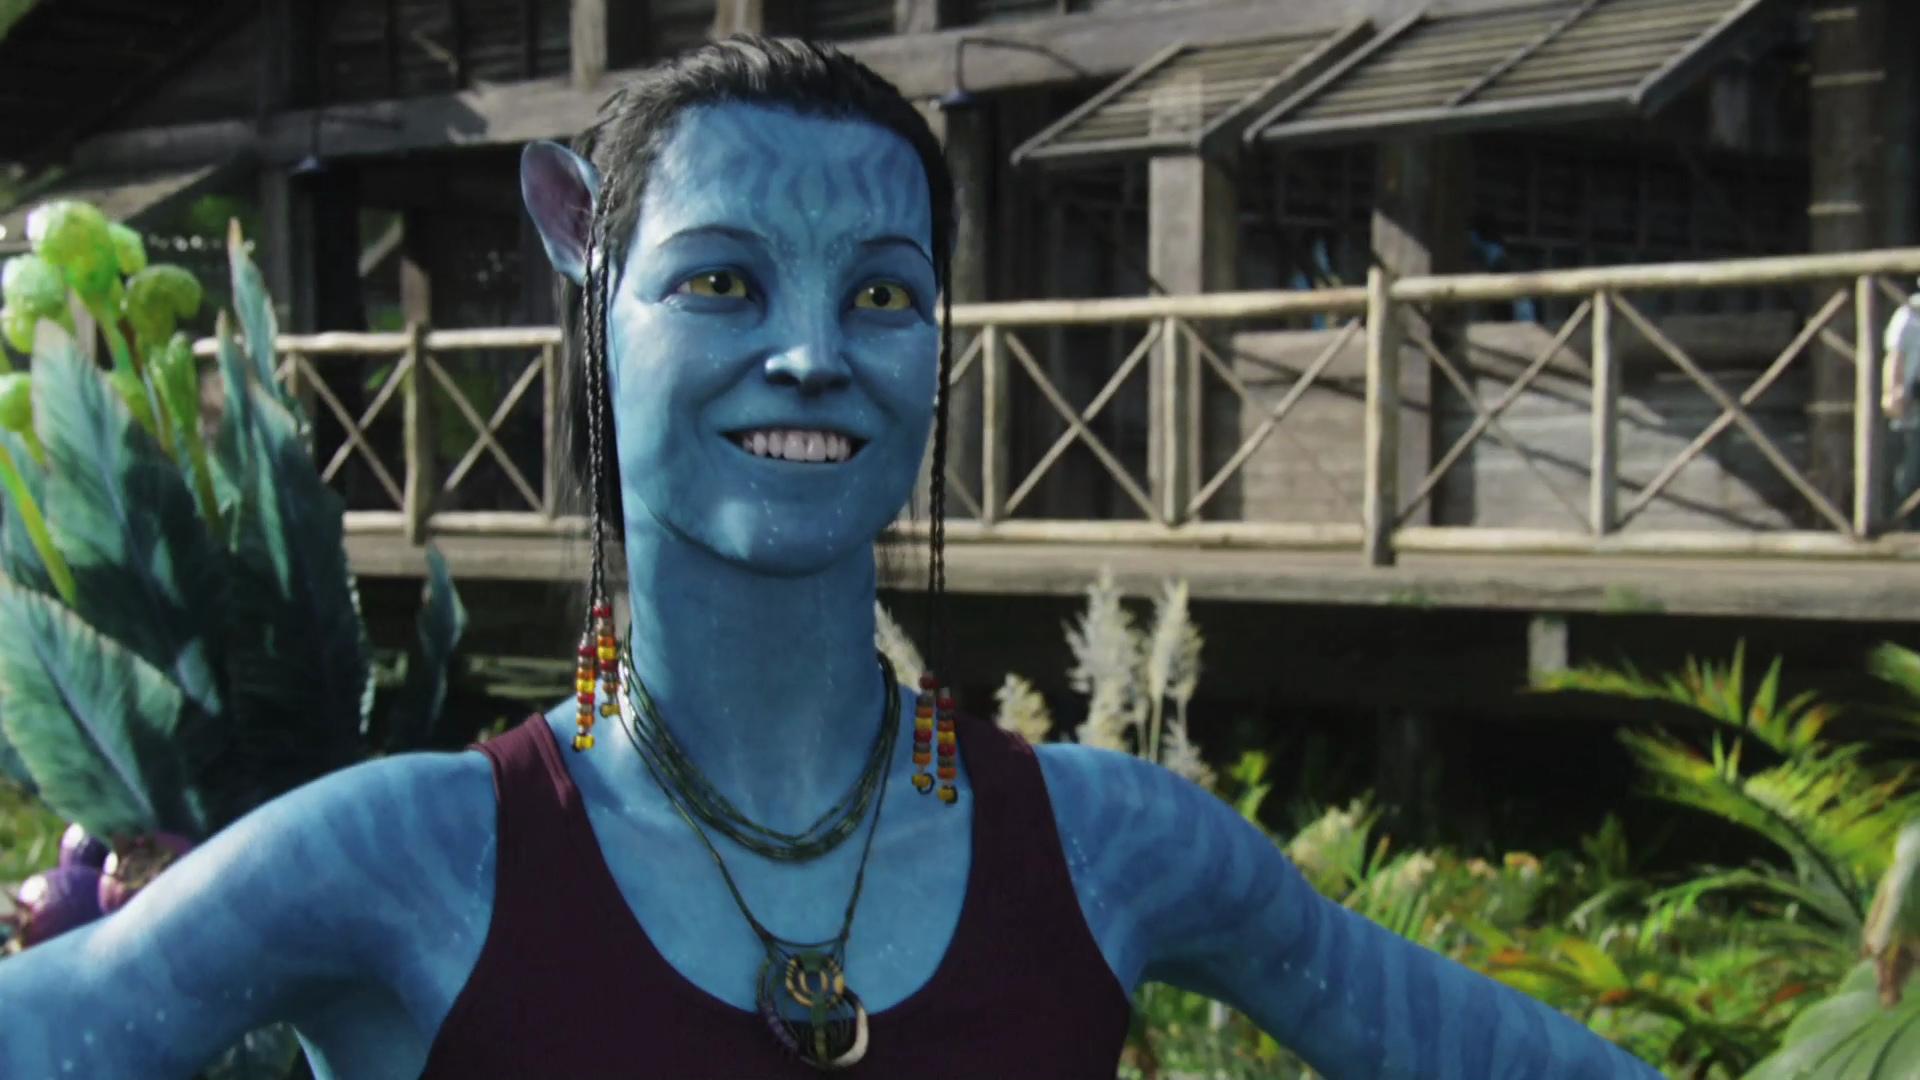 sigourney-weaver-confirms-shell-return-for-avatar-sequels